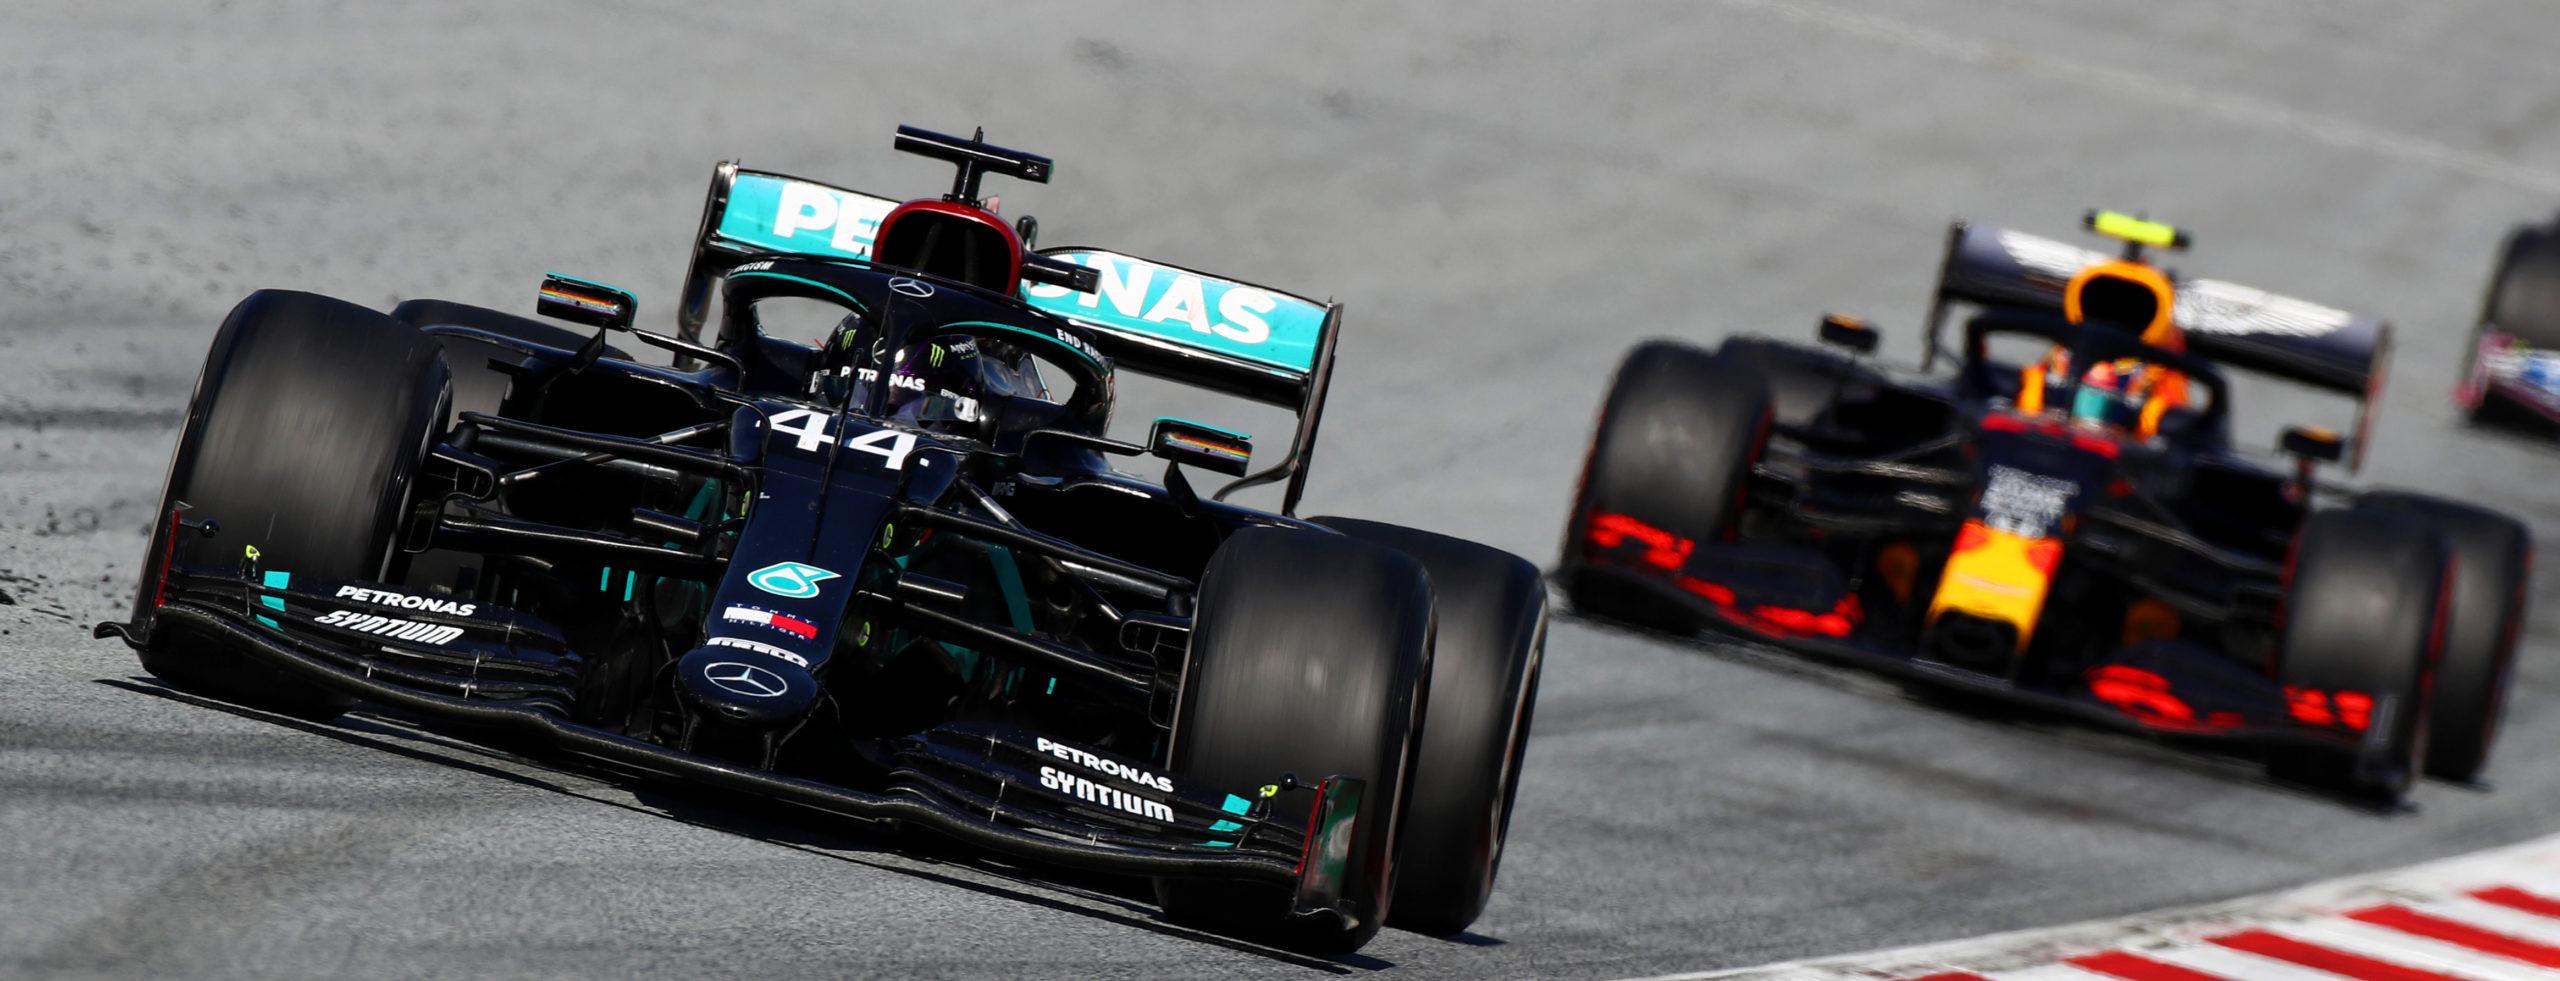 Austrian Grand Prix: Hamilton to make amends